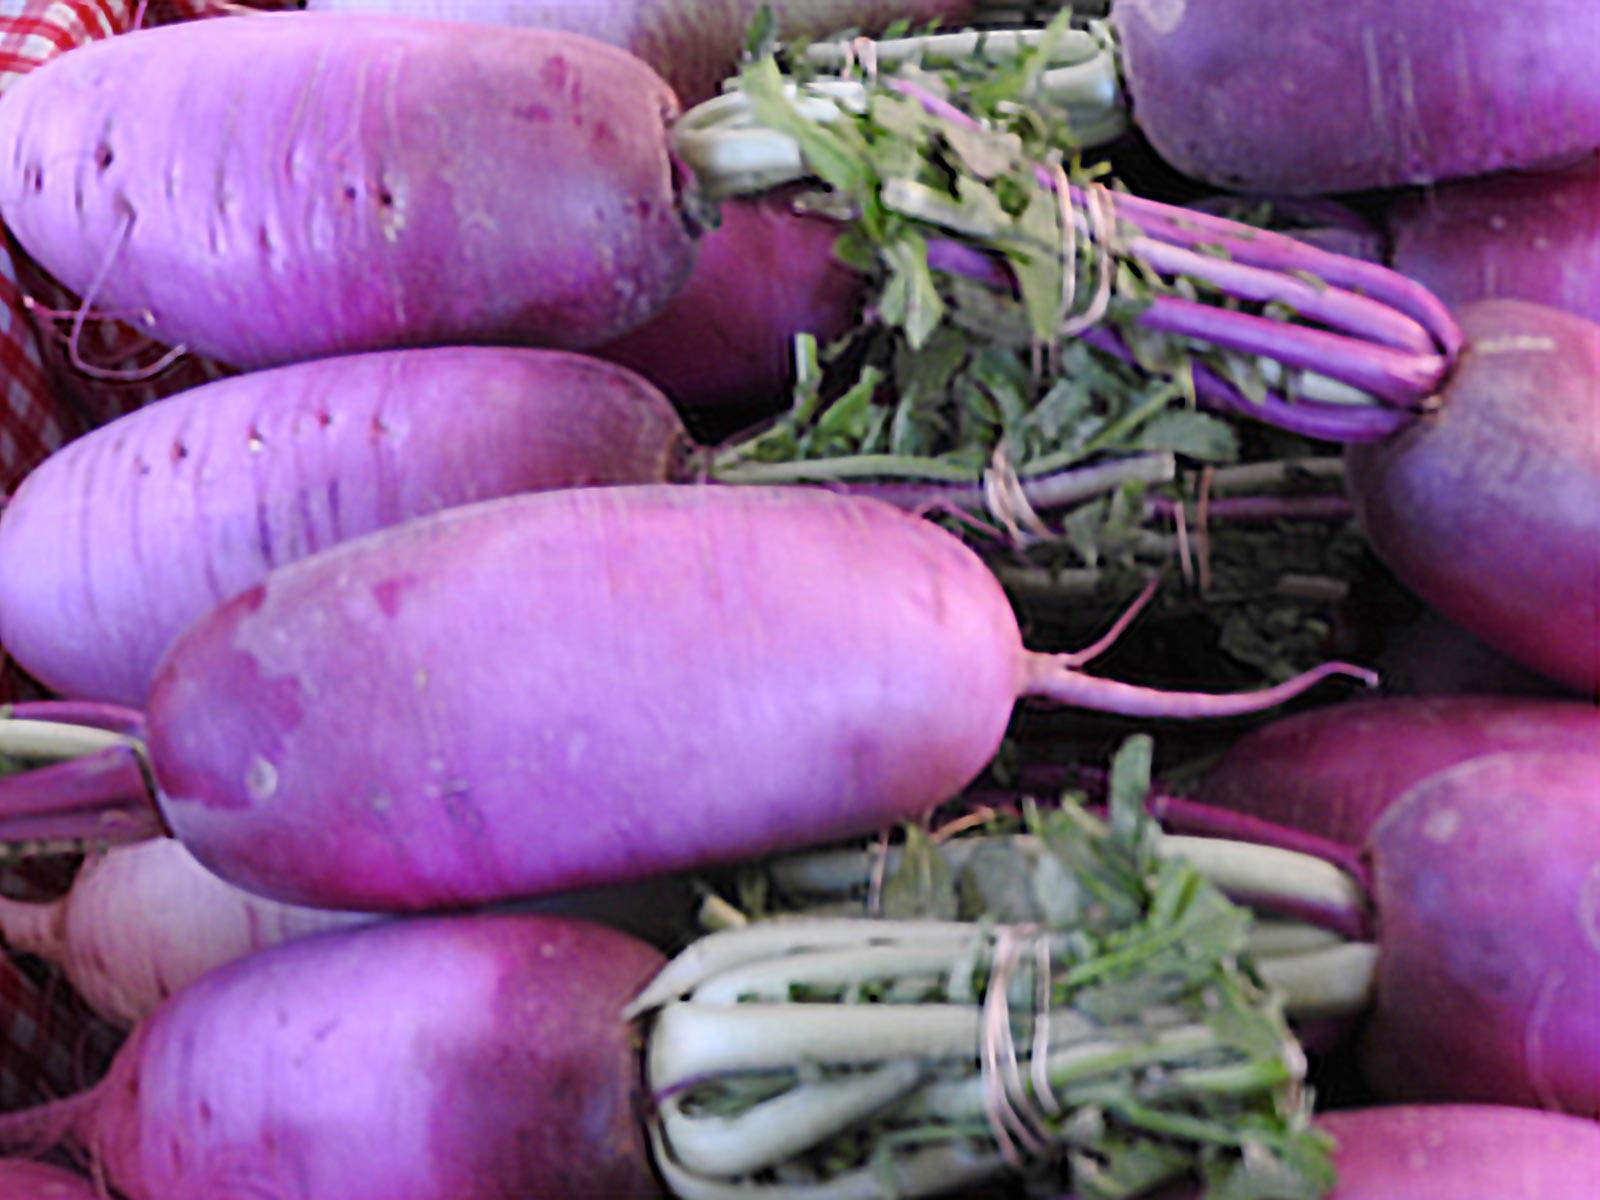 Santa Fe Farmers Market - Radishes